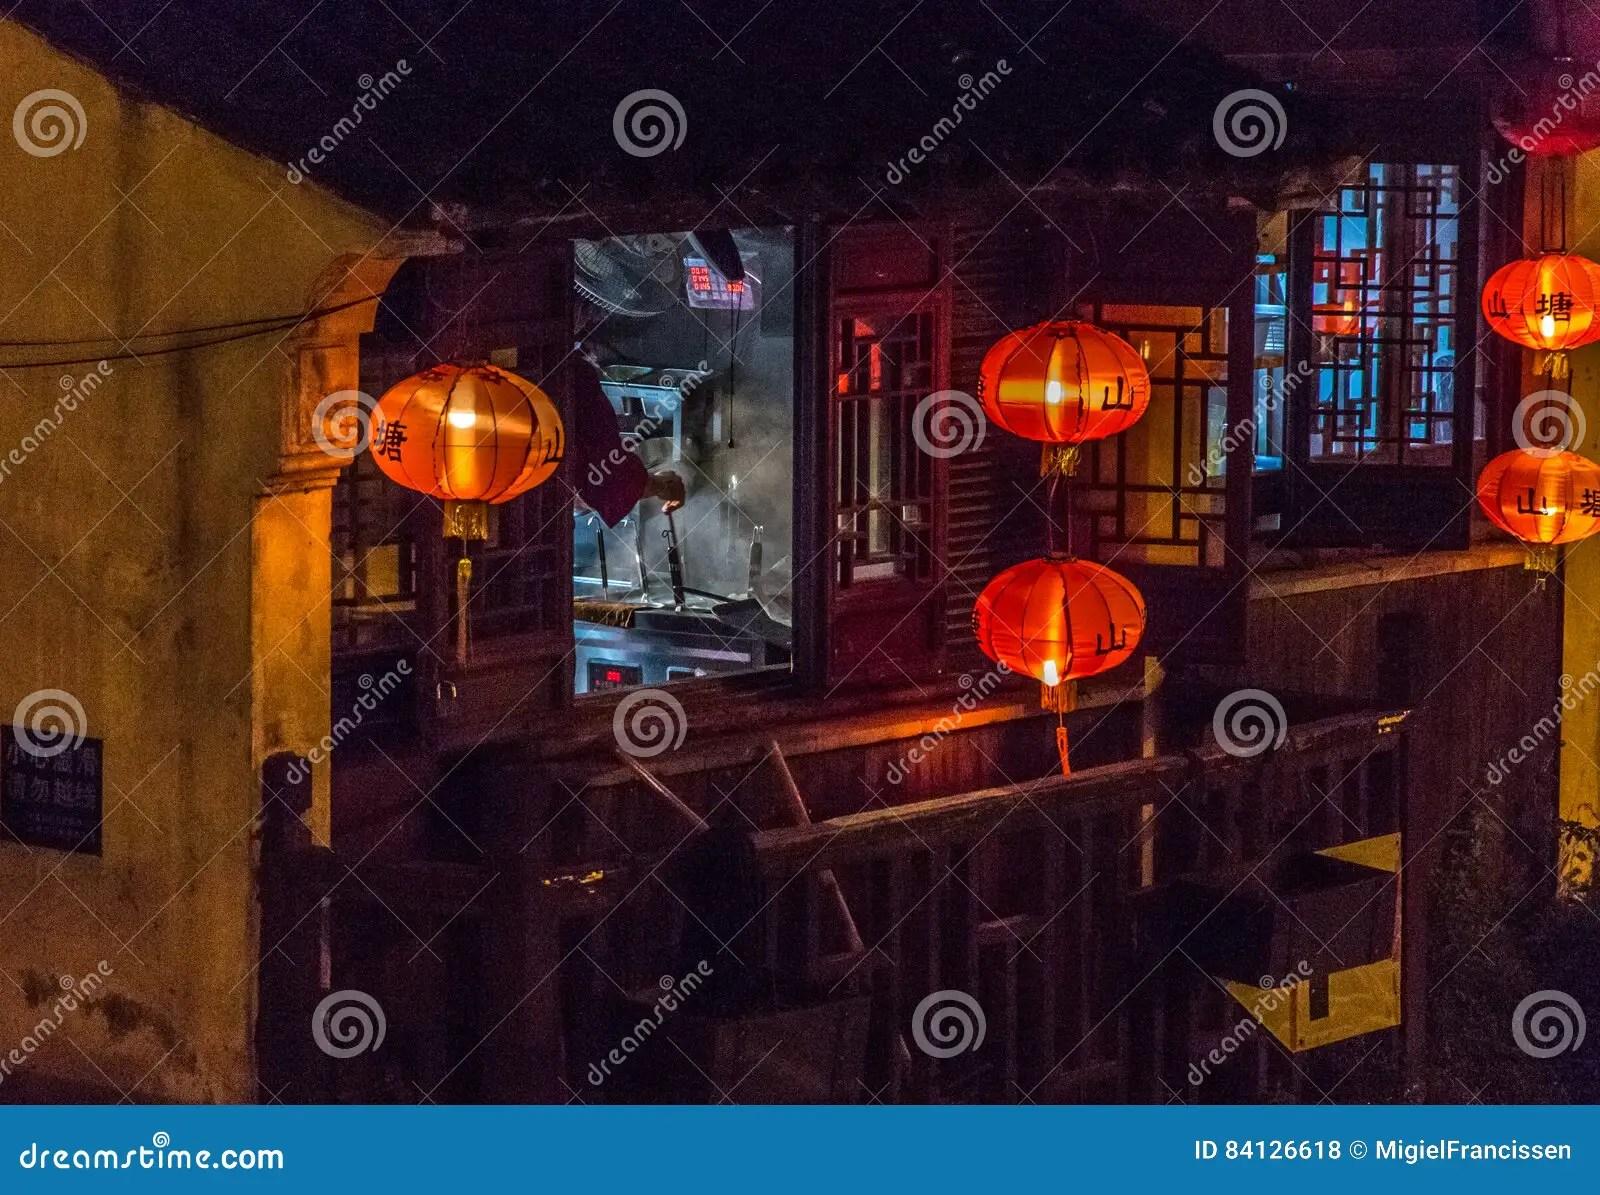 kitchen lanterns mop 在灯笼之间的中国厨房库存照片 图片包括有汉语 布哈拉 红色 厨房 在灯笼之间的中国厨房